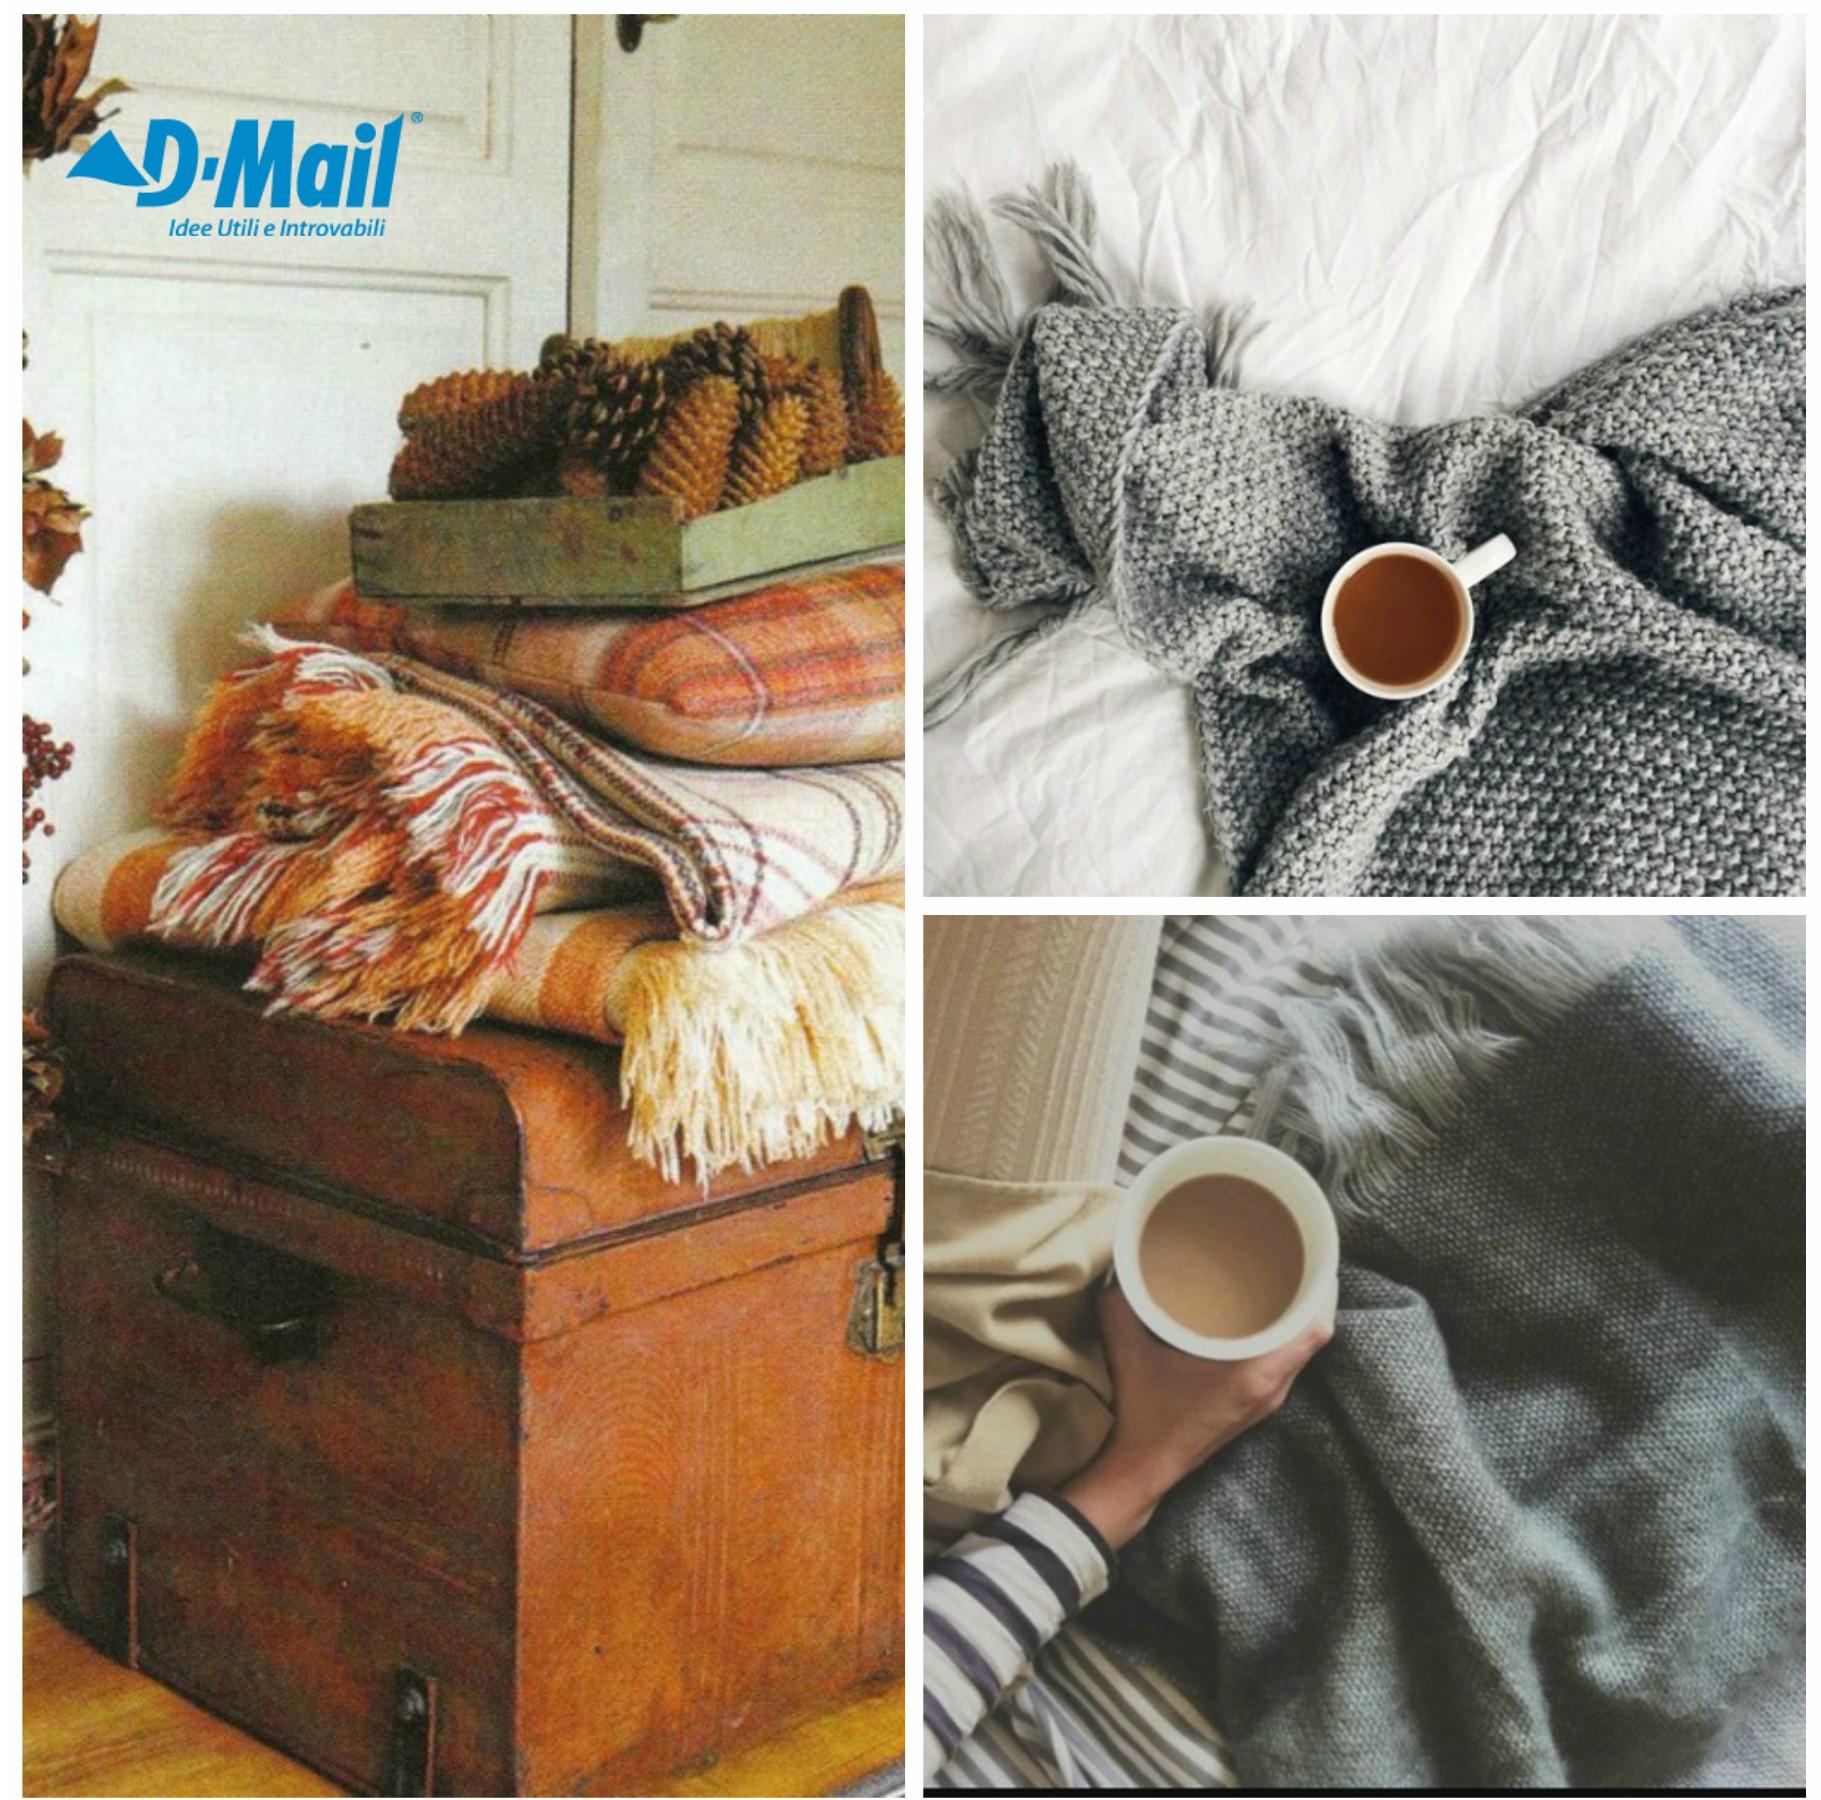 coperte e caffé shopping casa d'autunno con dmail